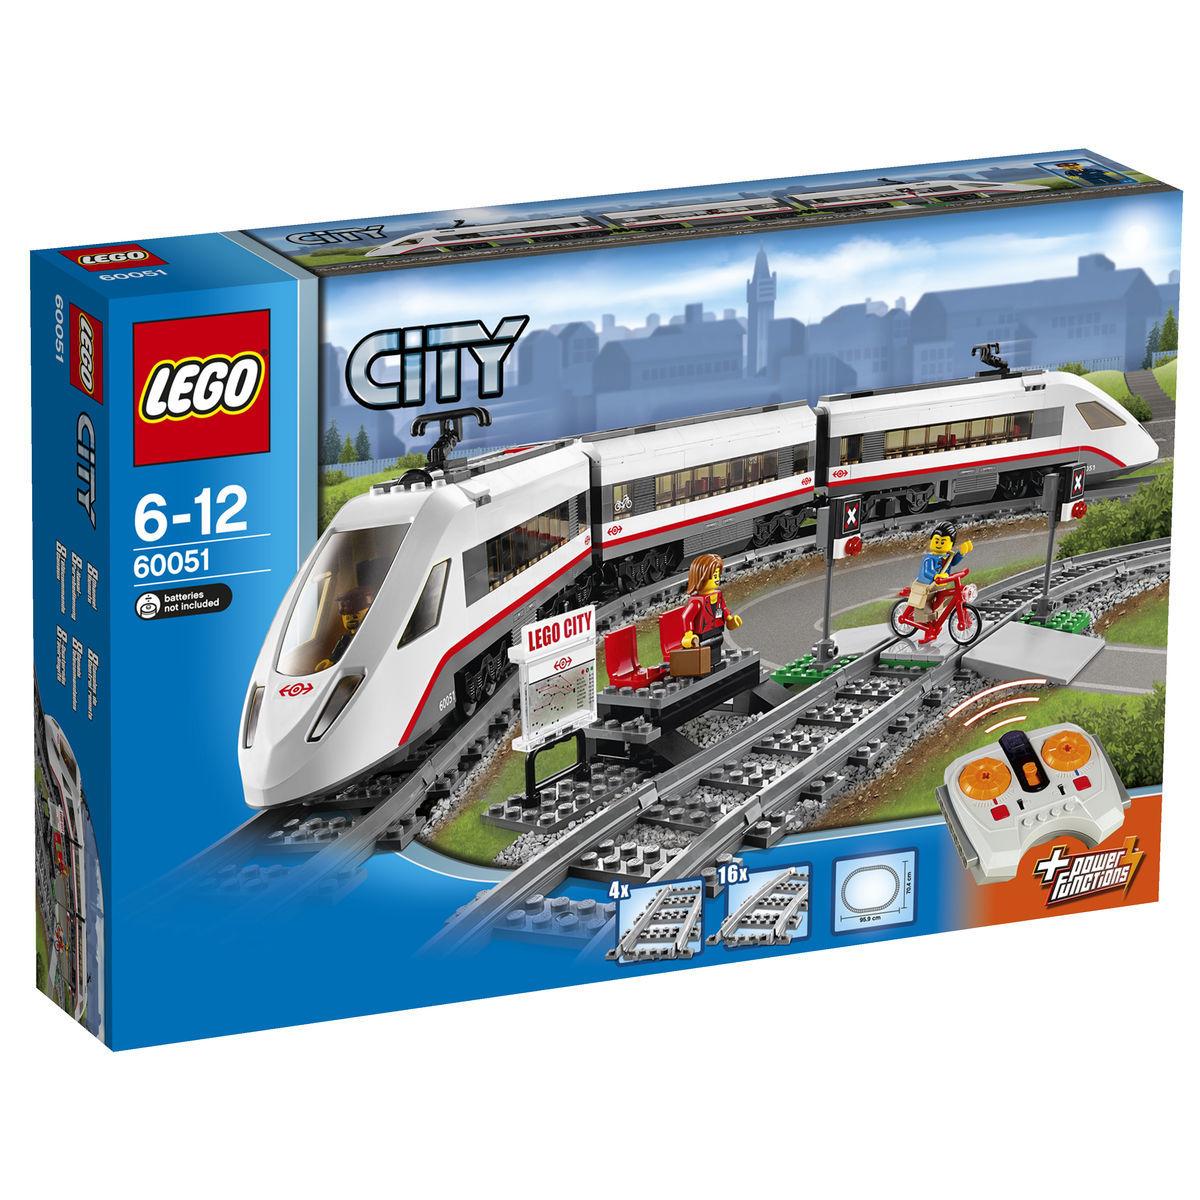 LEGO® City 60051 - Hochgeschwindigkeitszug für ca. 71,99 EUR mit 20% Gutschein bei [Karstadt]